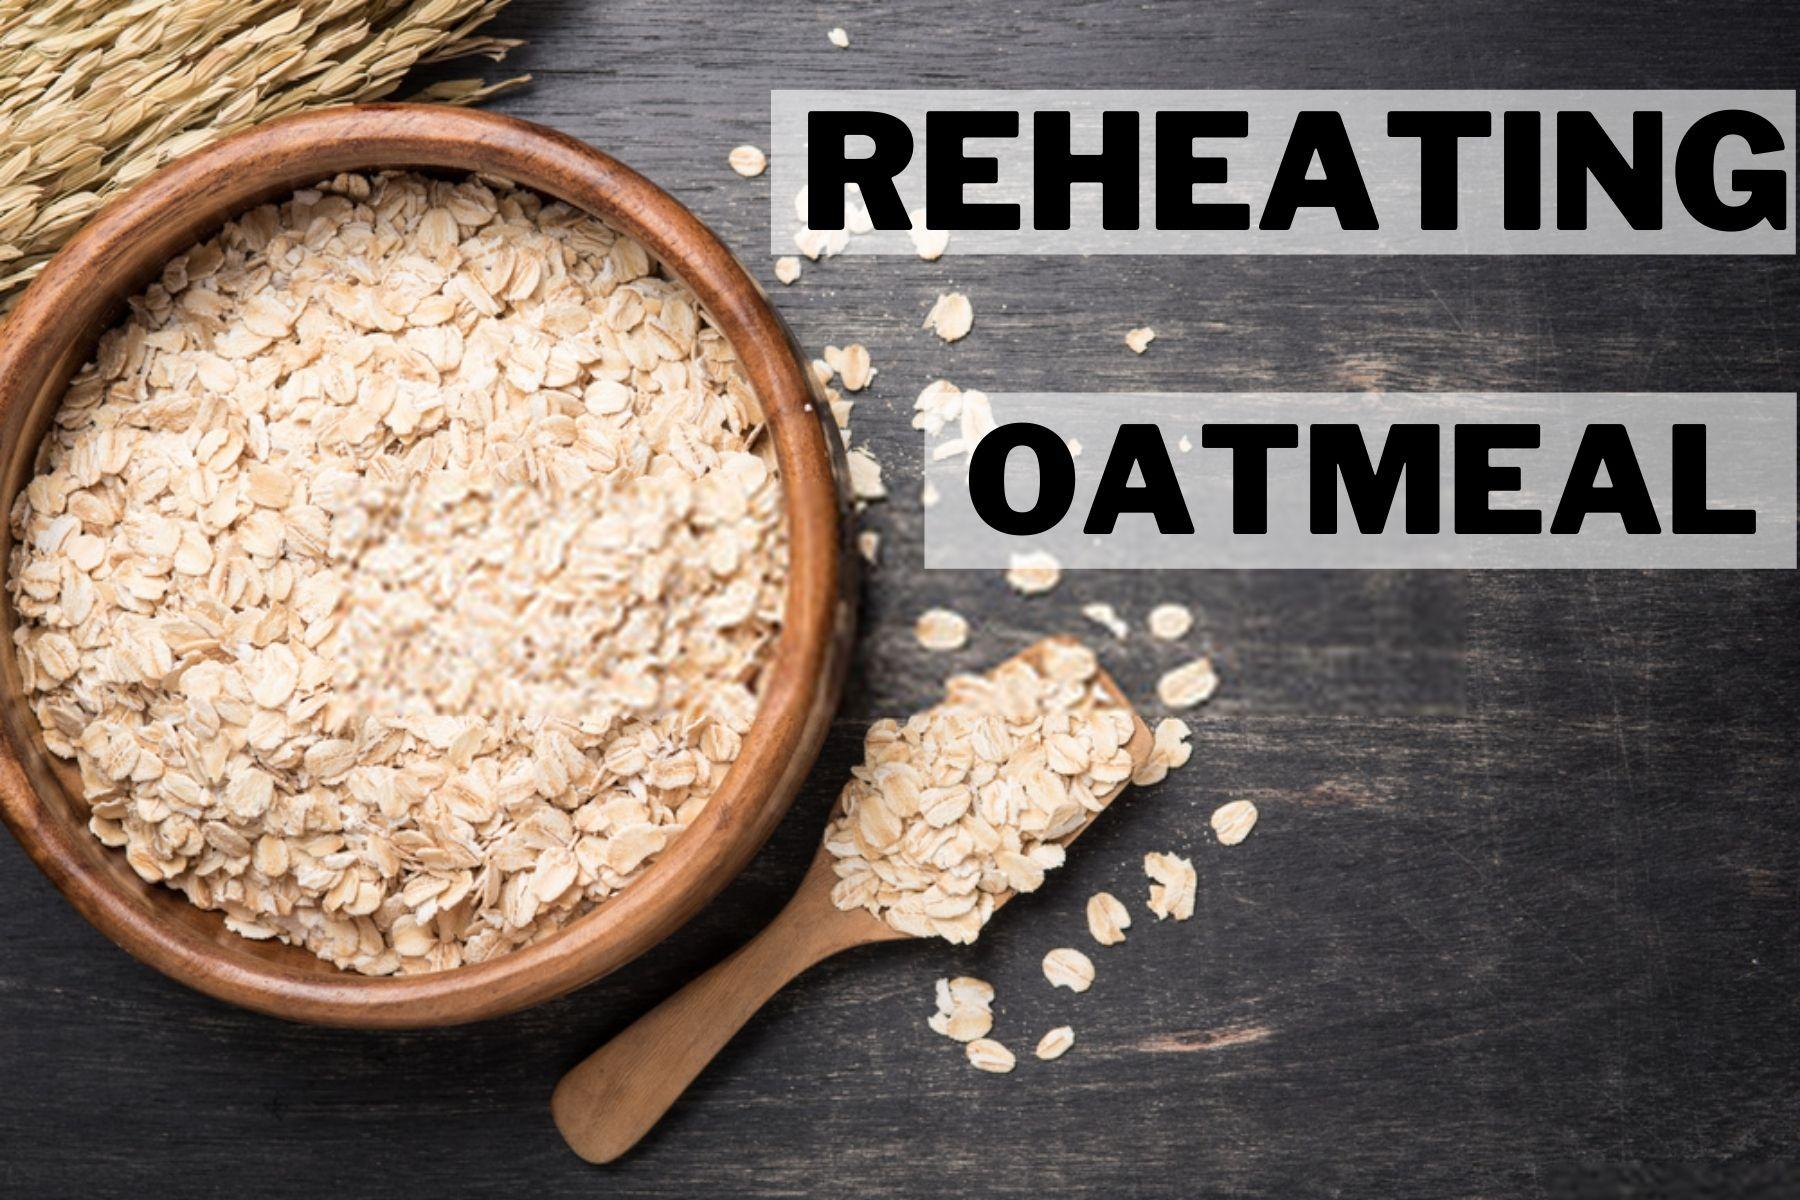 how to reheat oatmeal